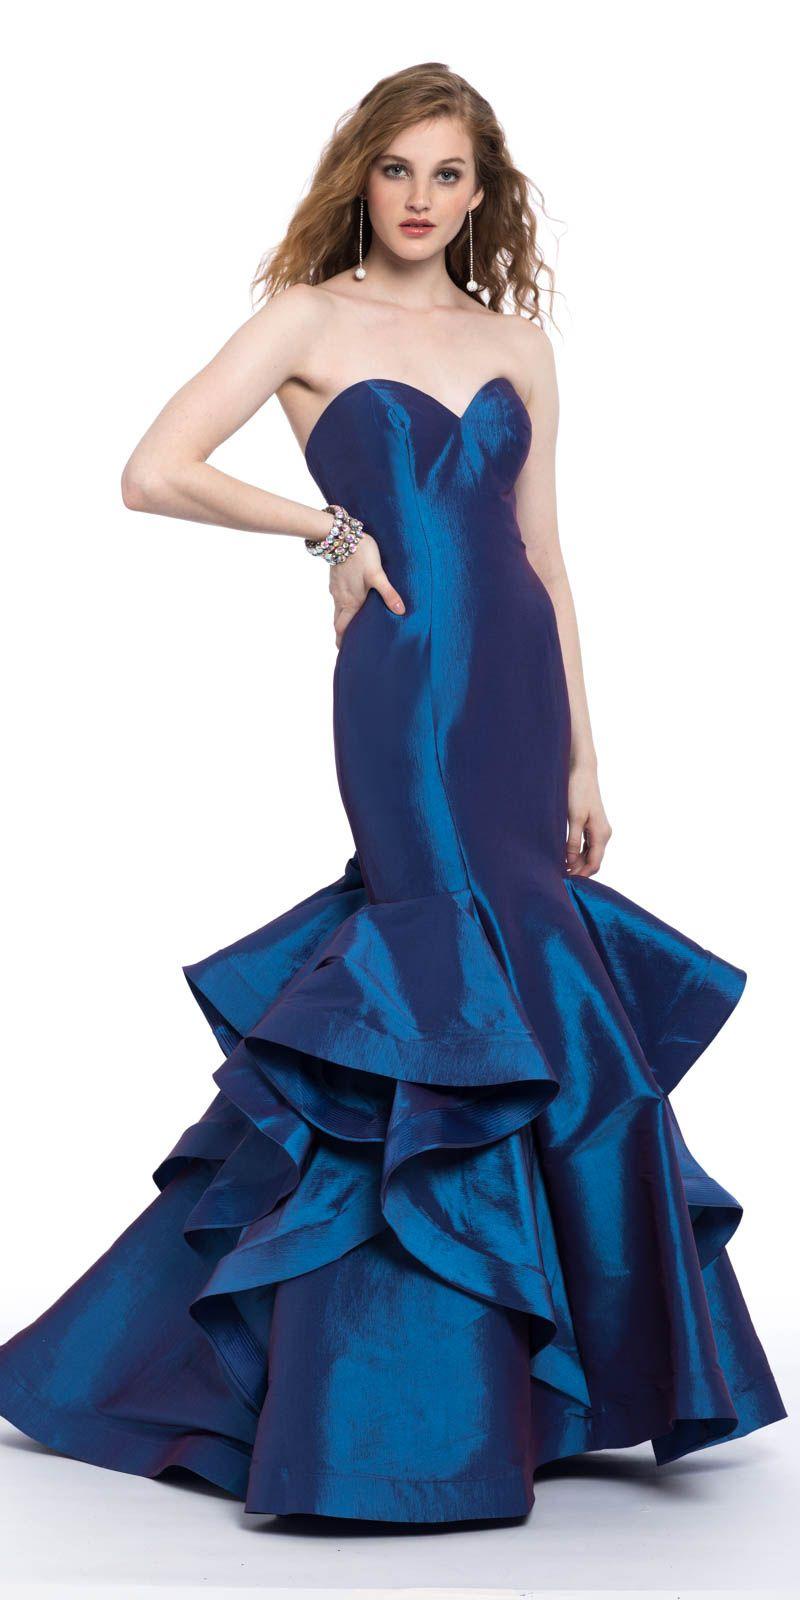 Taffeta Strapless Tiered Ruffle Hem Dress Stylish Prom Dress Dresses Strapless Dress Formal [ 1600 x 800 Pixel ]